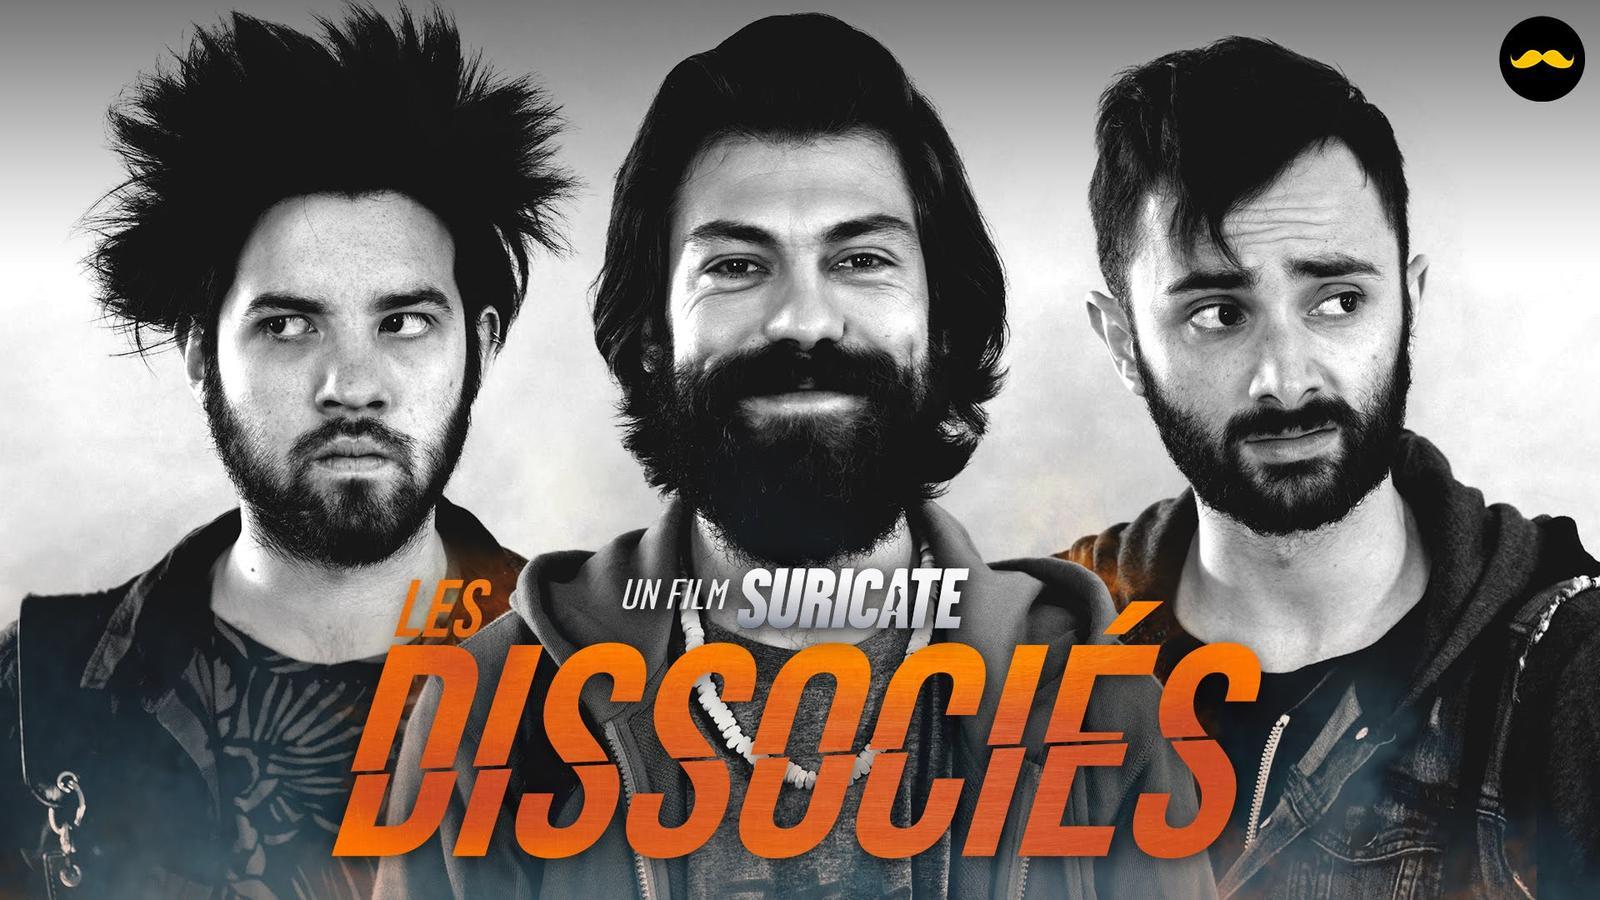 les dissociés - film - golden moustache